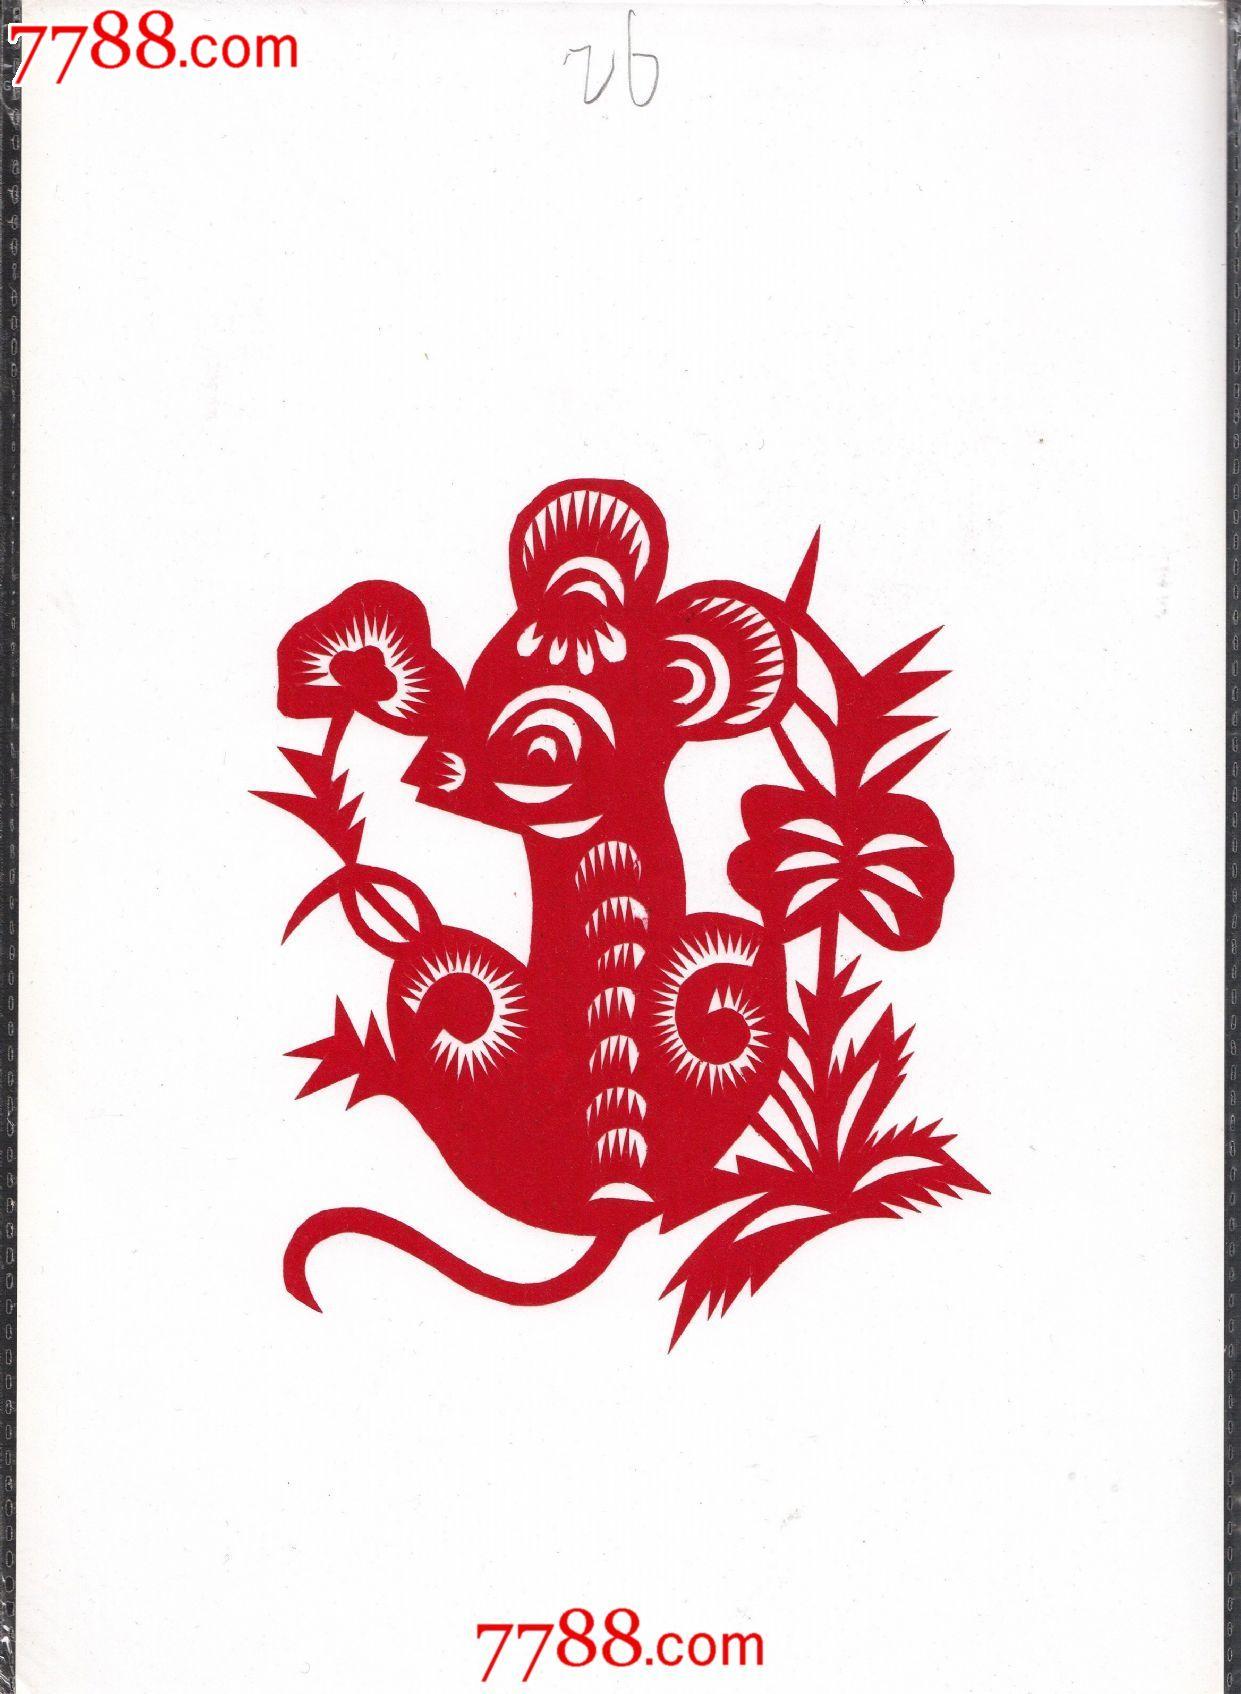 属性: 2000-2009年,,陕西,,动物,,单件,,,,, 简介: 剪纸026 备注